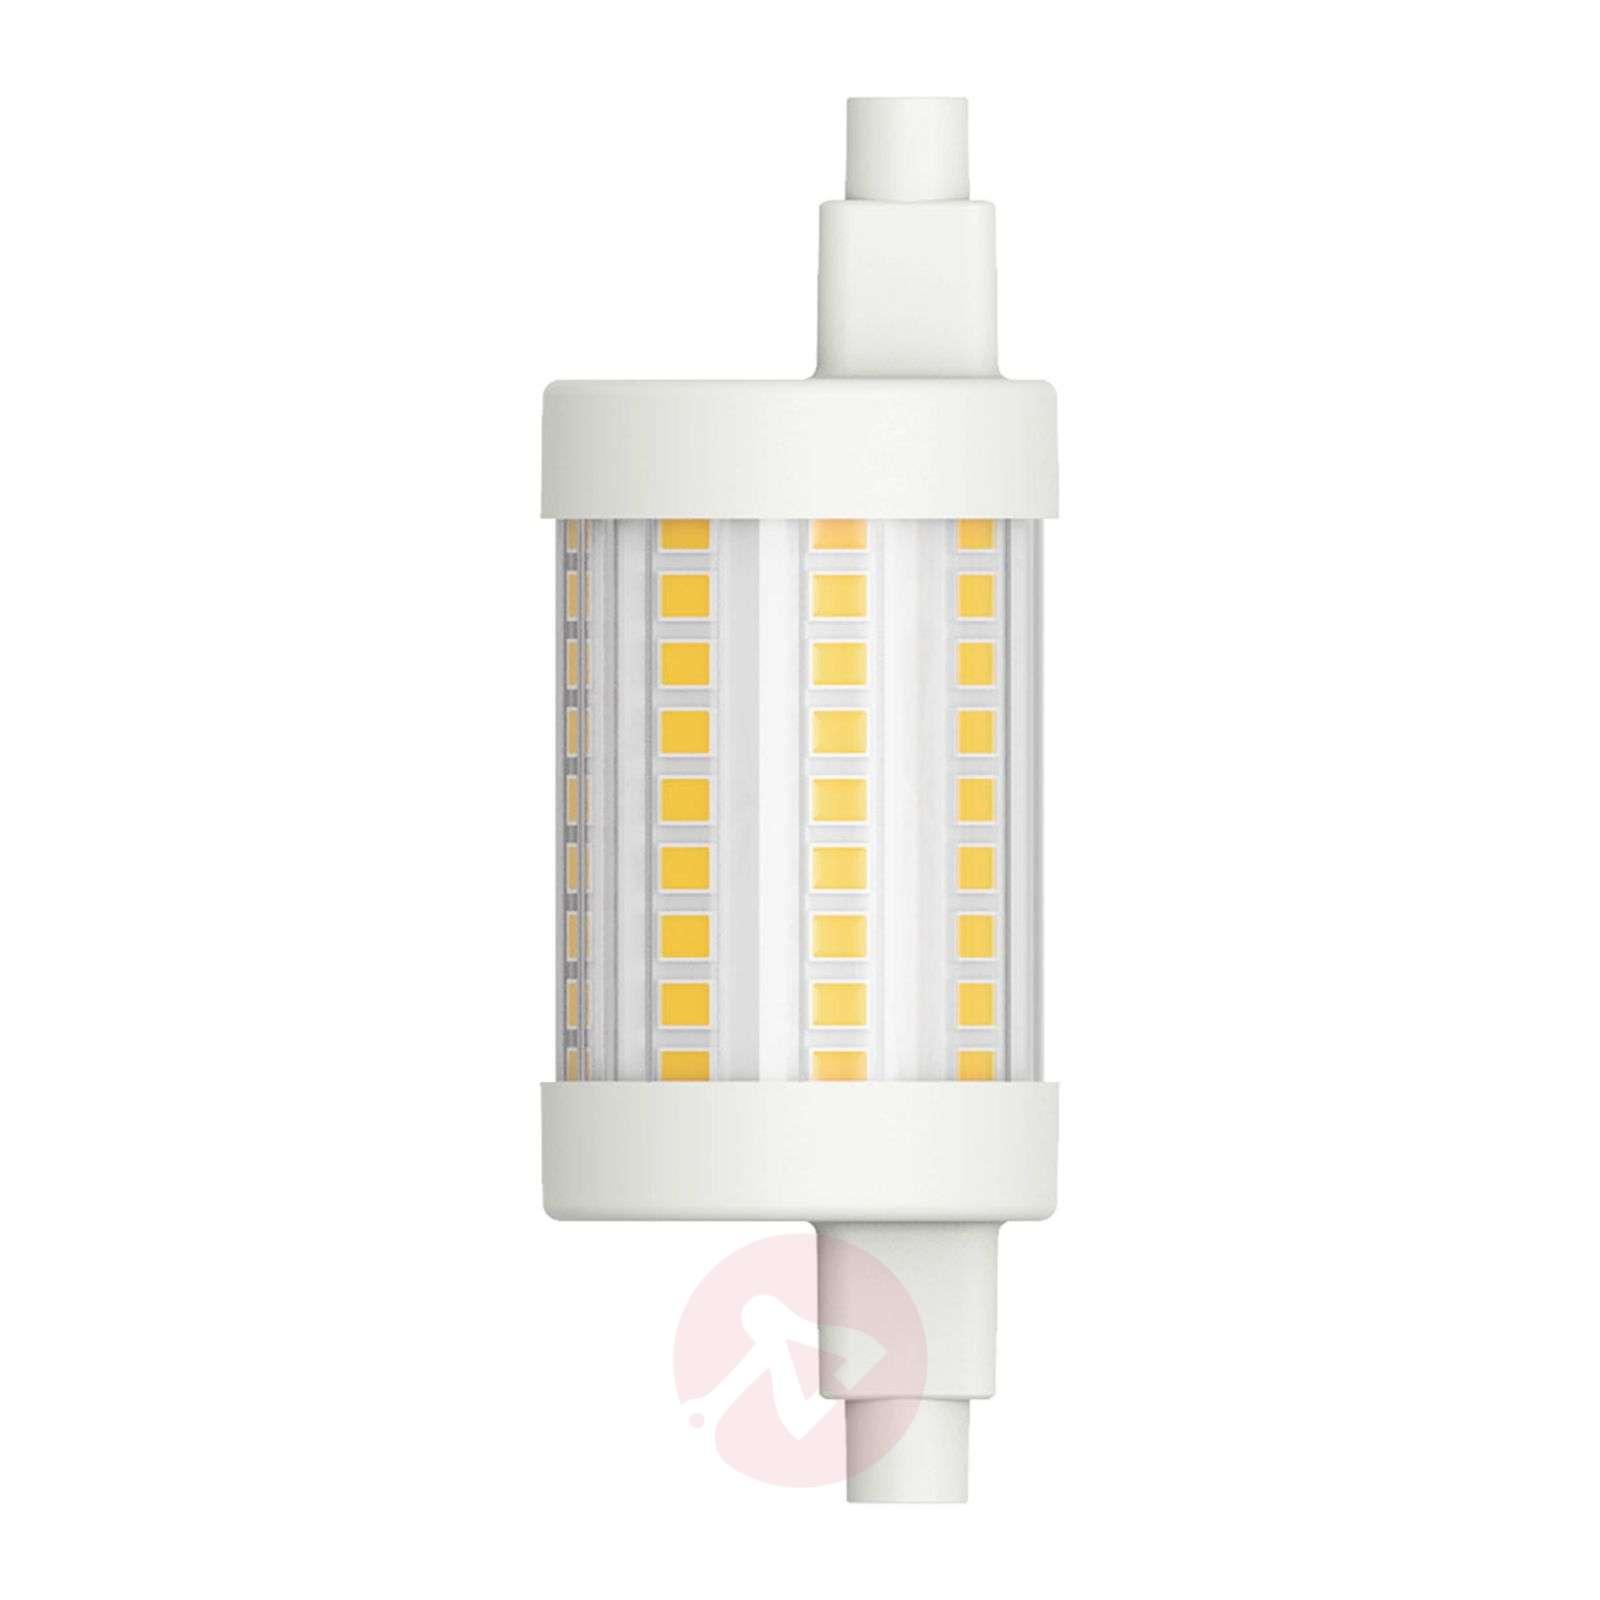 LED-putkilamppu R7s 78,3 mm 8W lämmin valkoinen-6520304-01